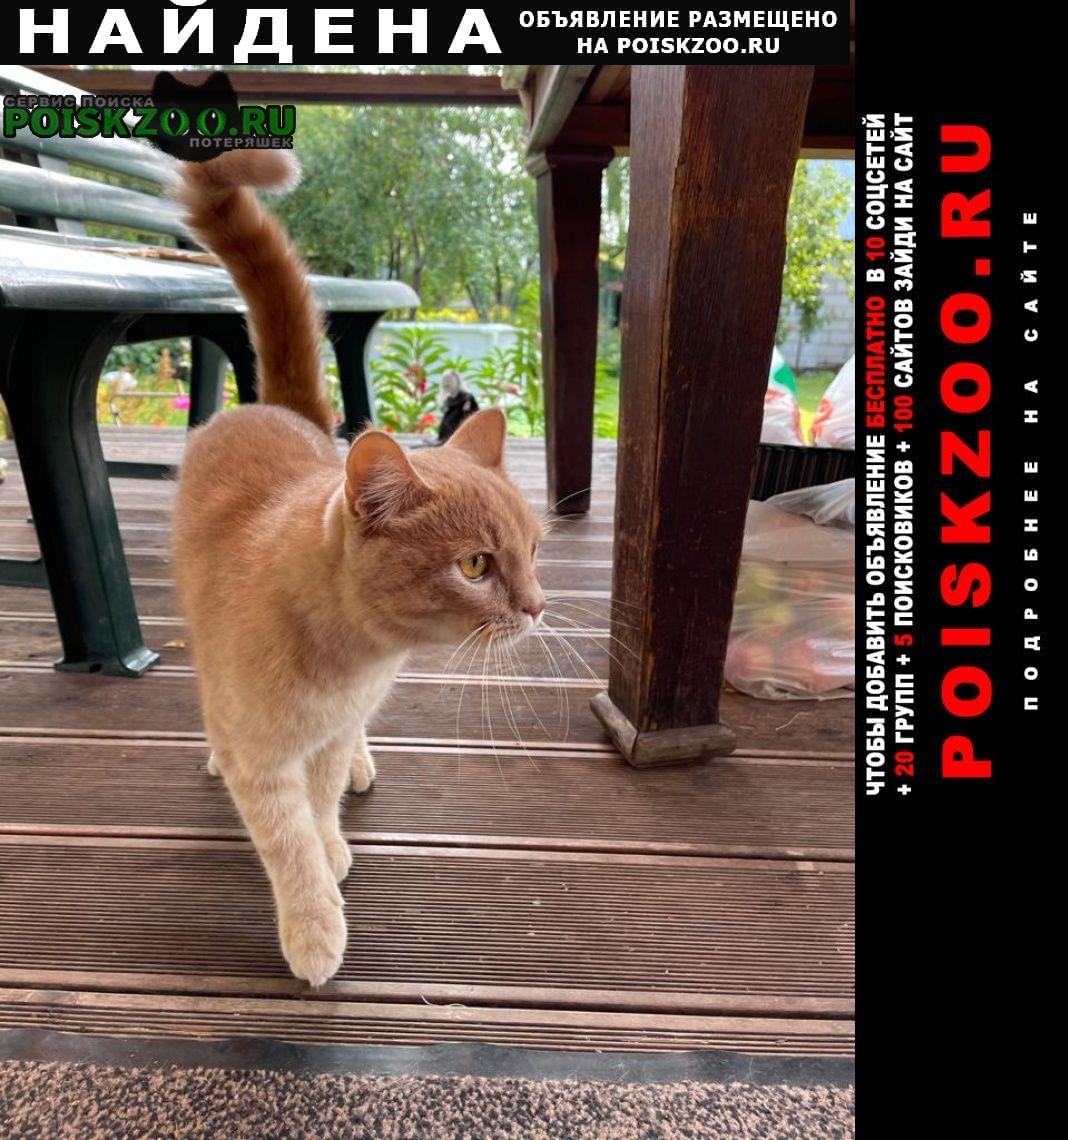 Найден кот или Чехов